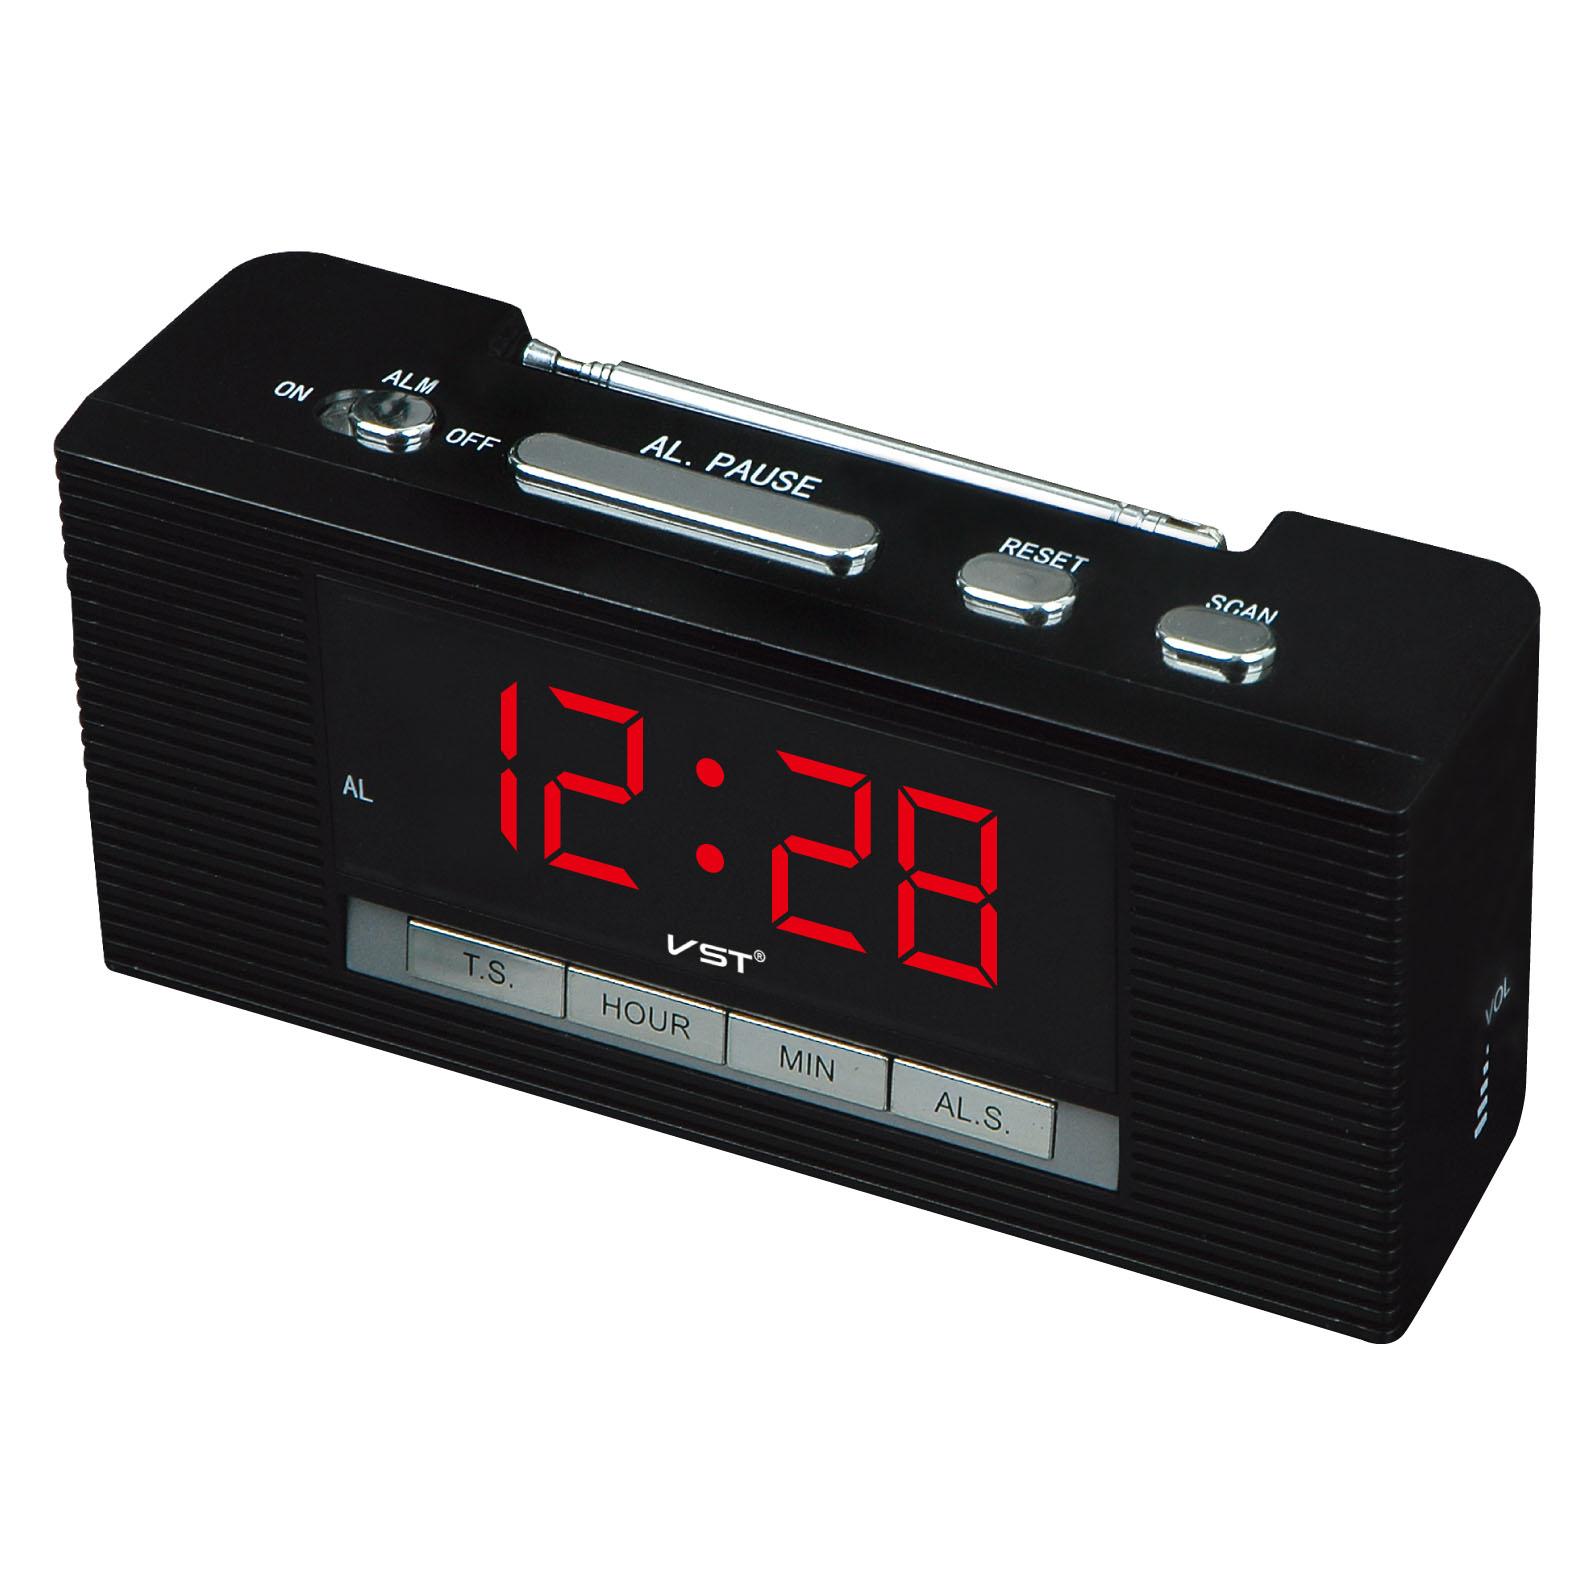 Часы настольные+радио VST-741/5 (ярко-синий) 1 сорт